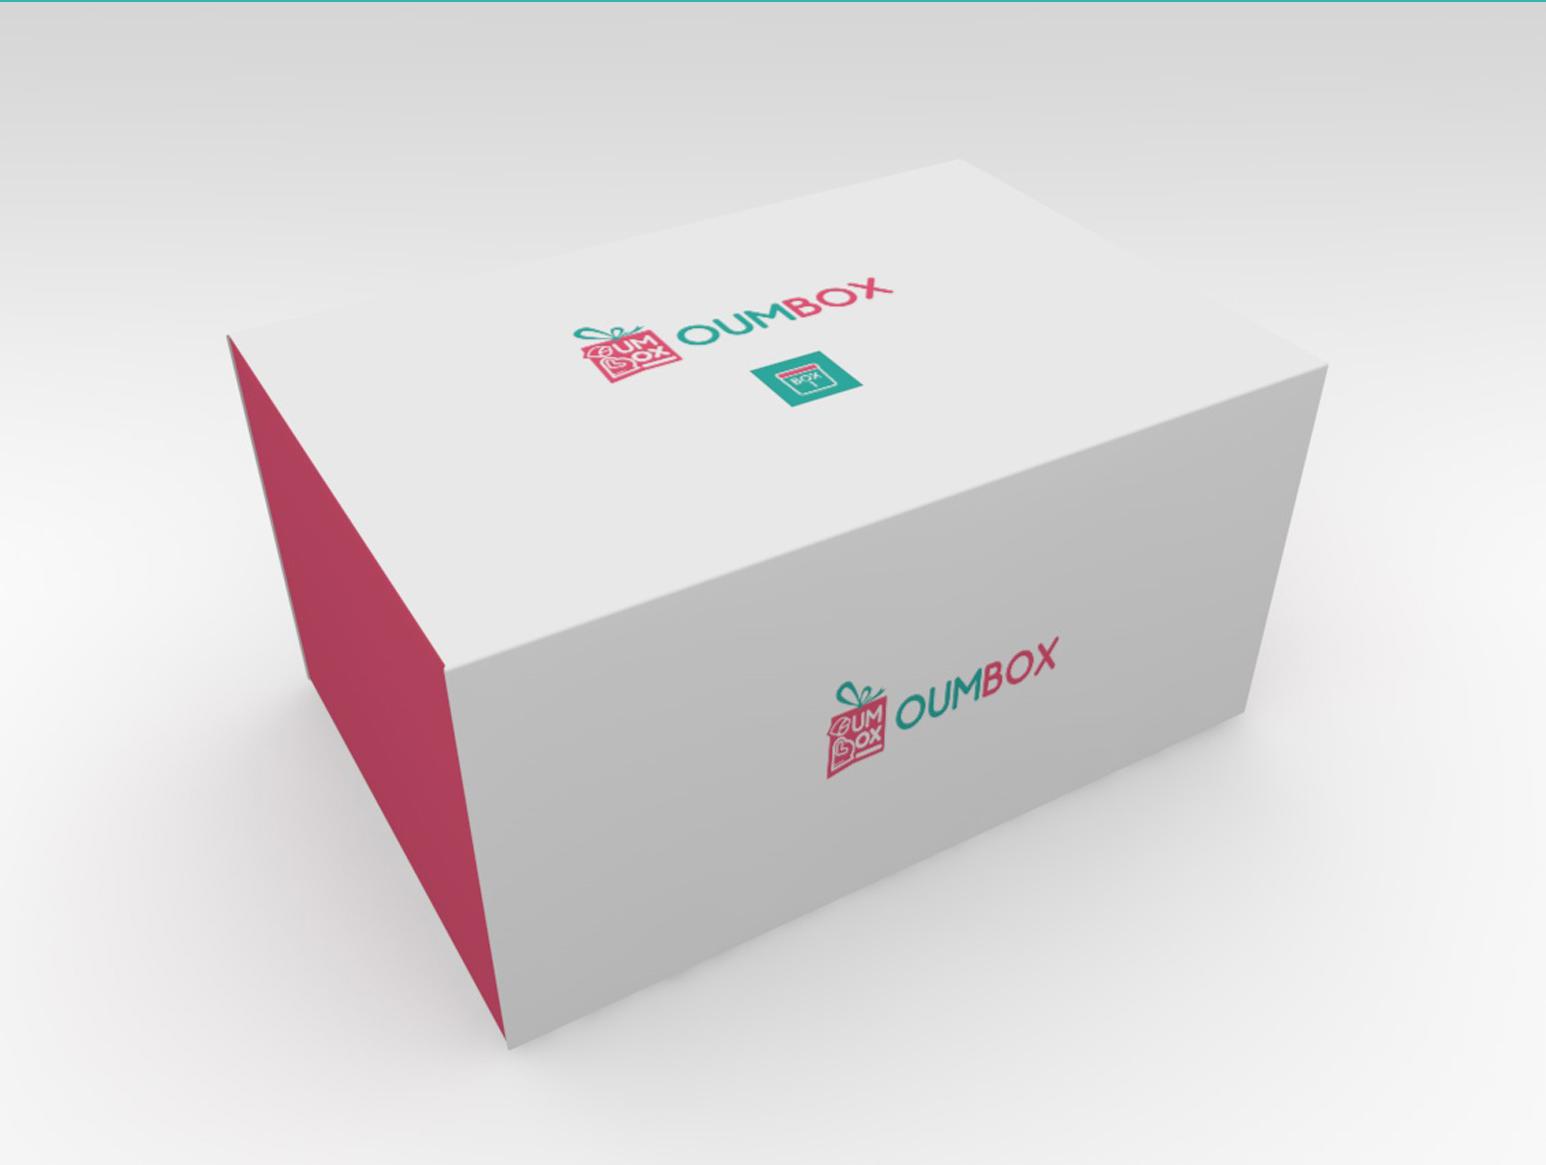 Logo oumbox